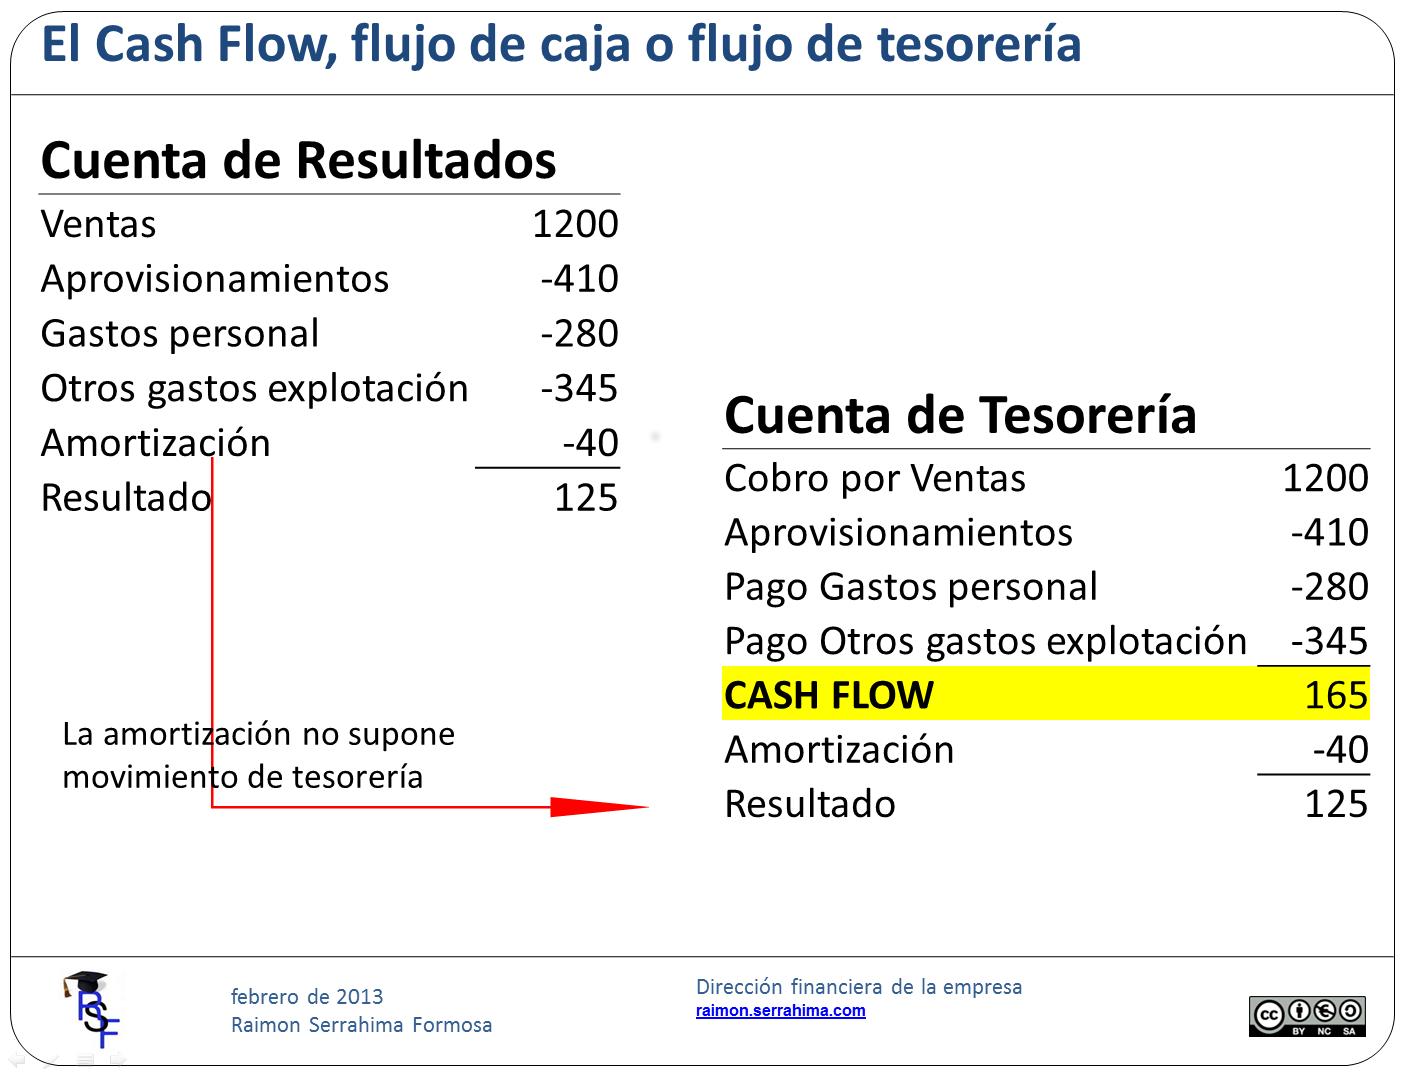 Preparando el estado del flujo de caja (1)